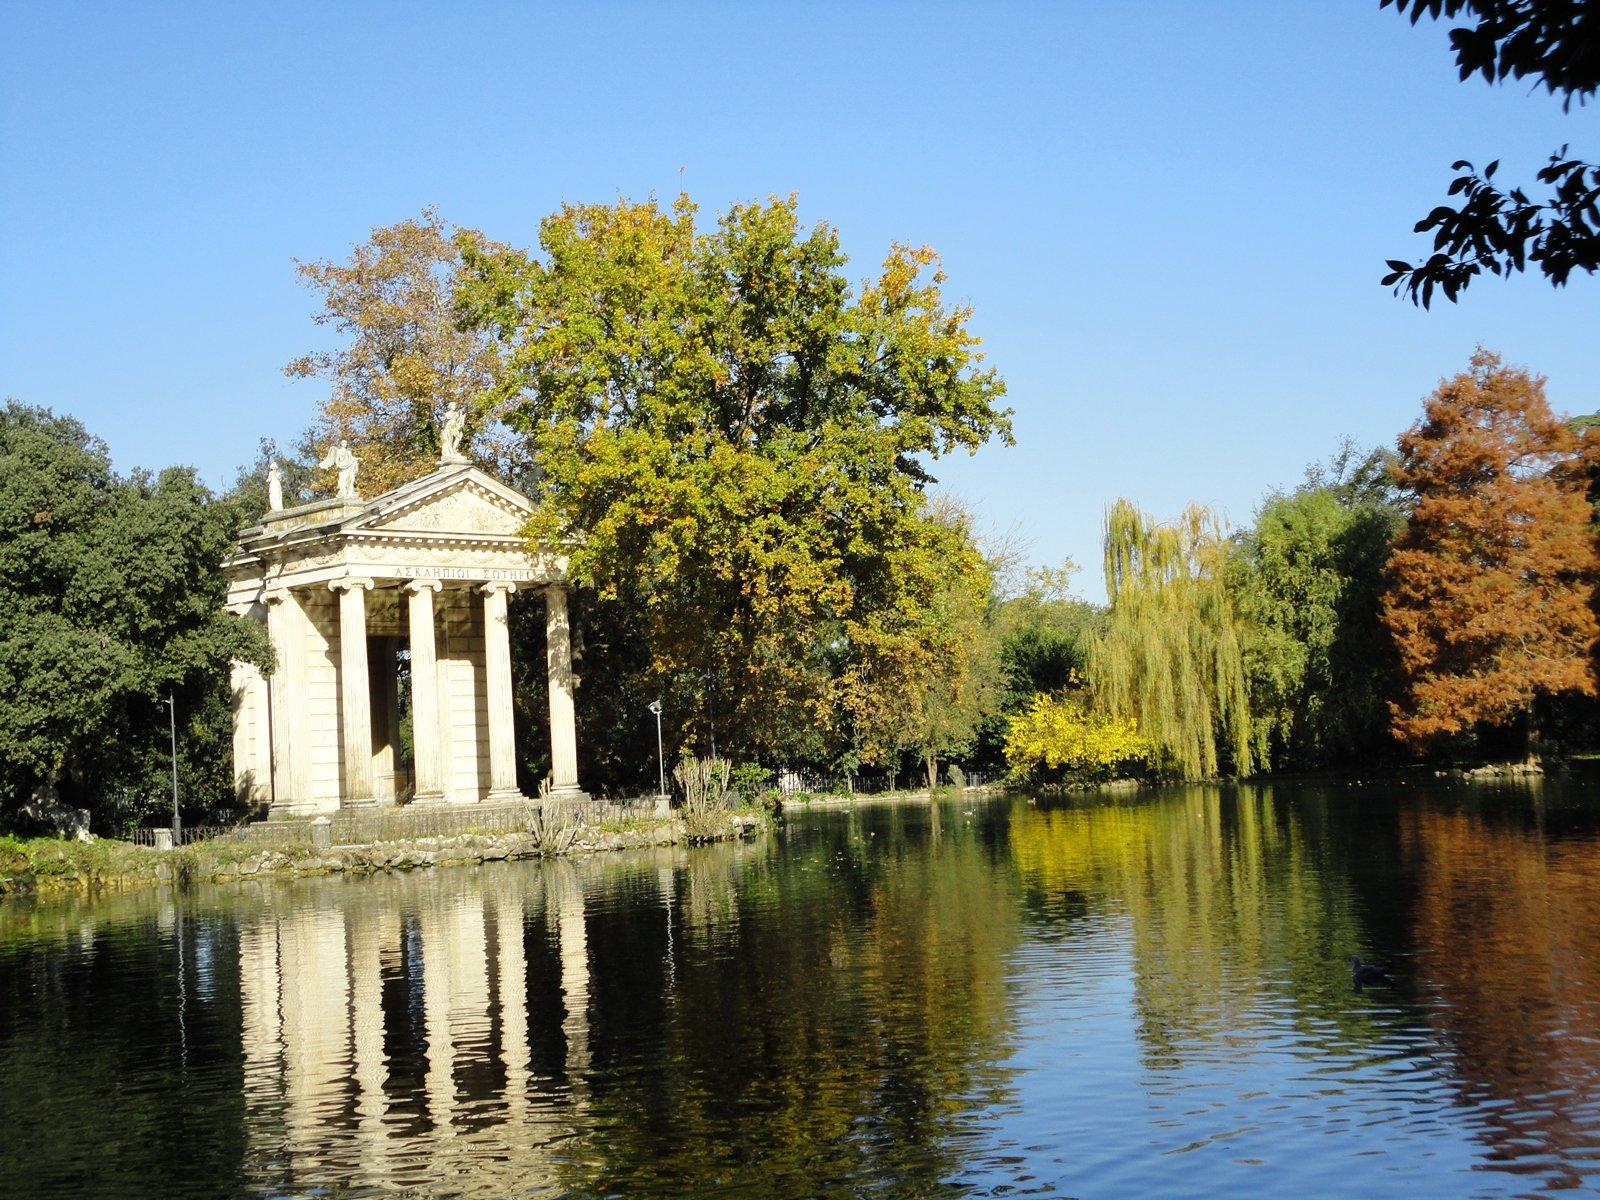 La rome verte parcs et balades dans rome rome inoubliable for Le jardin 489 rome